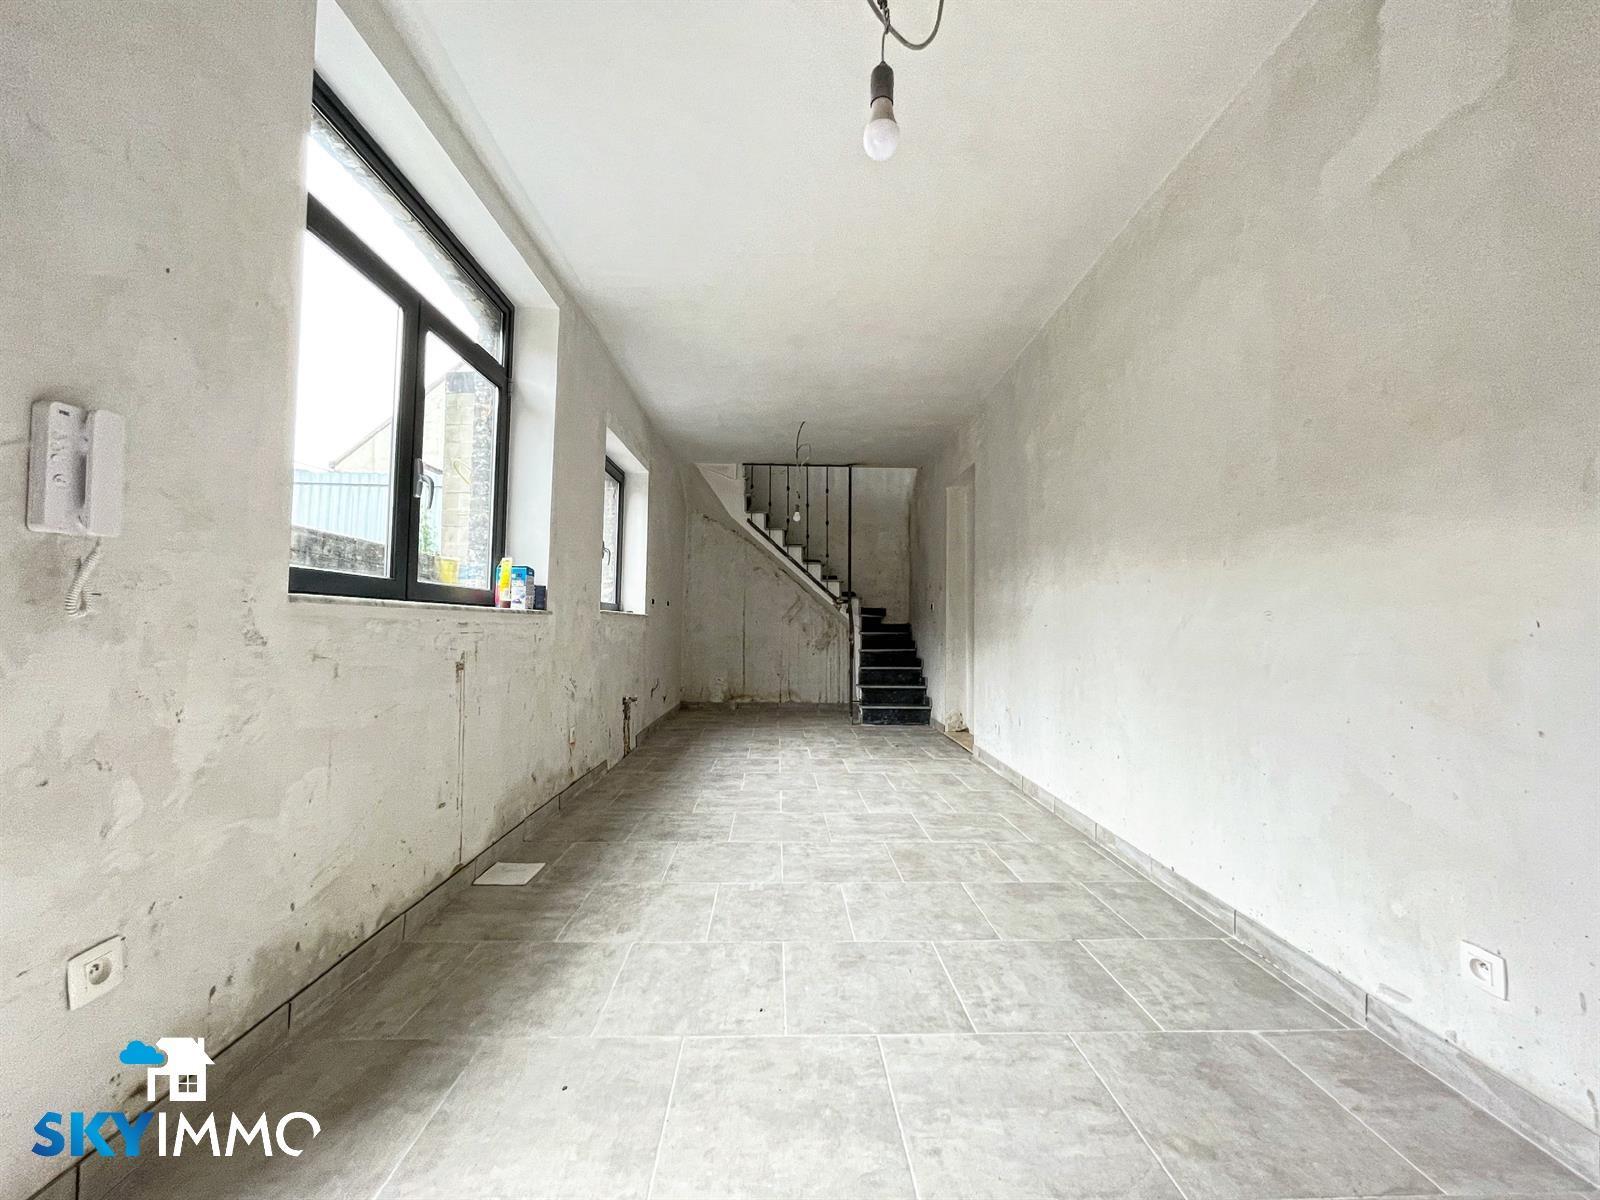 Maison - Seraing - #4513098-23